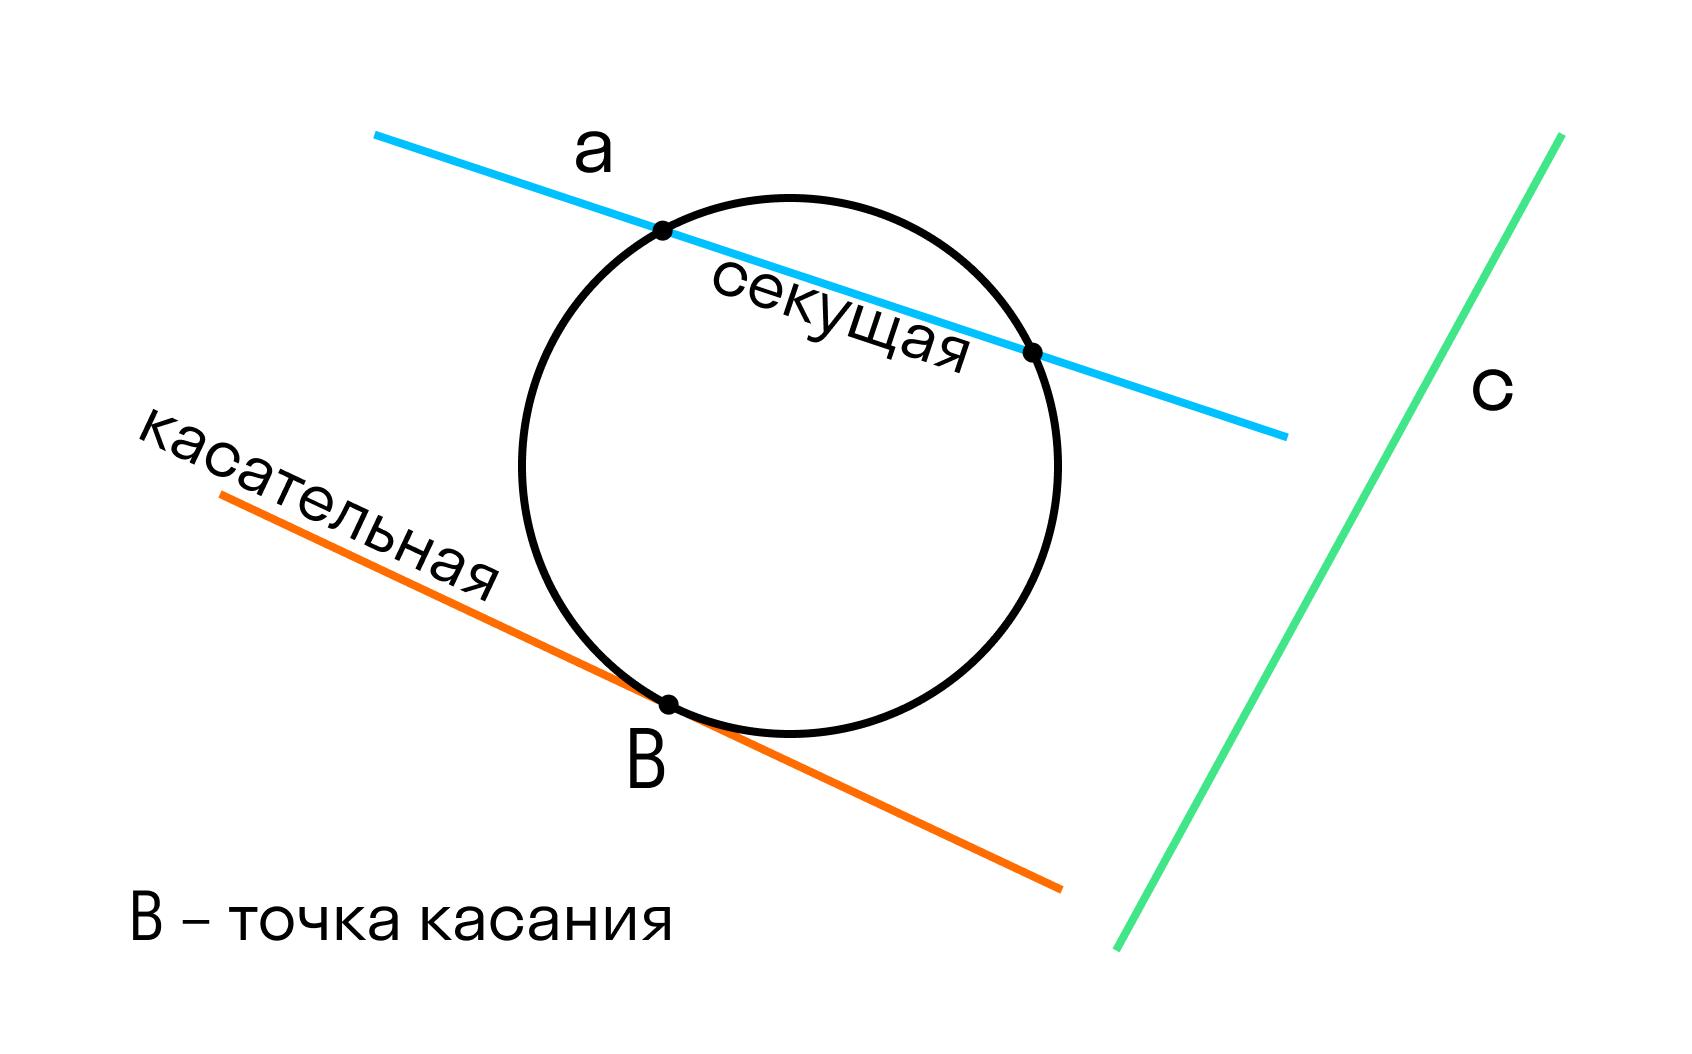 Взаимодействие объектов 2